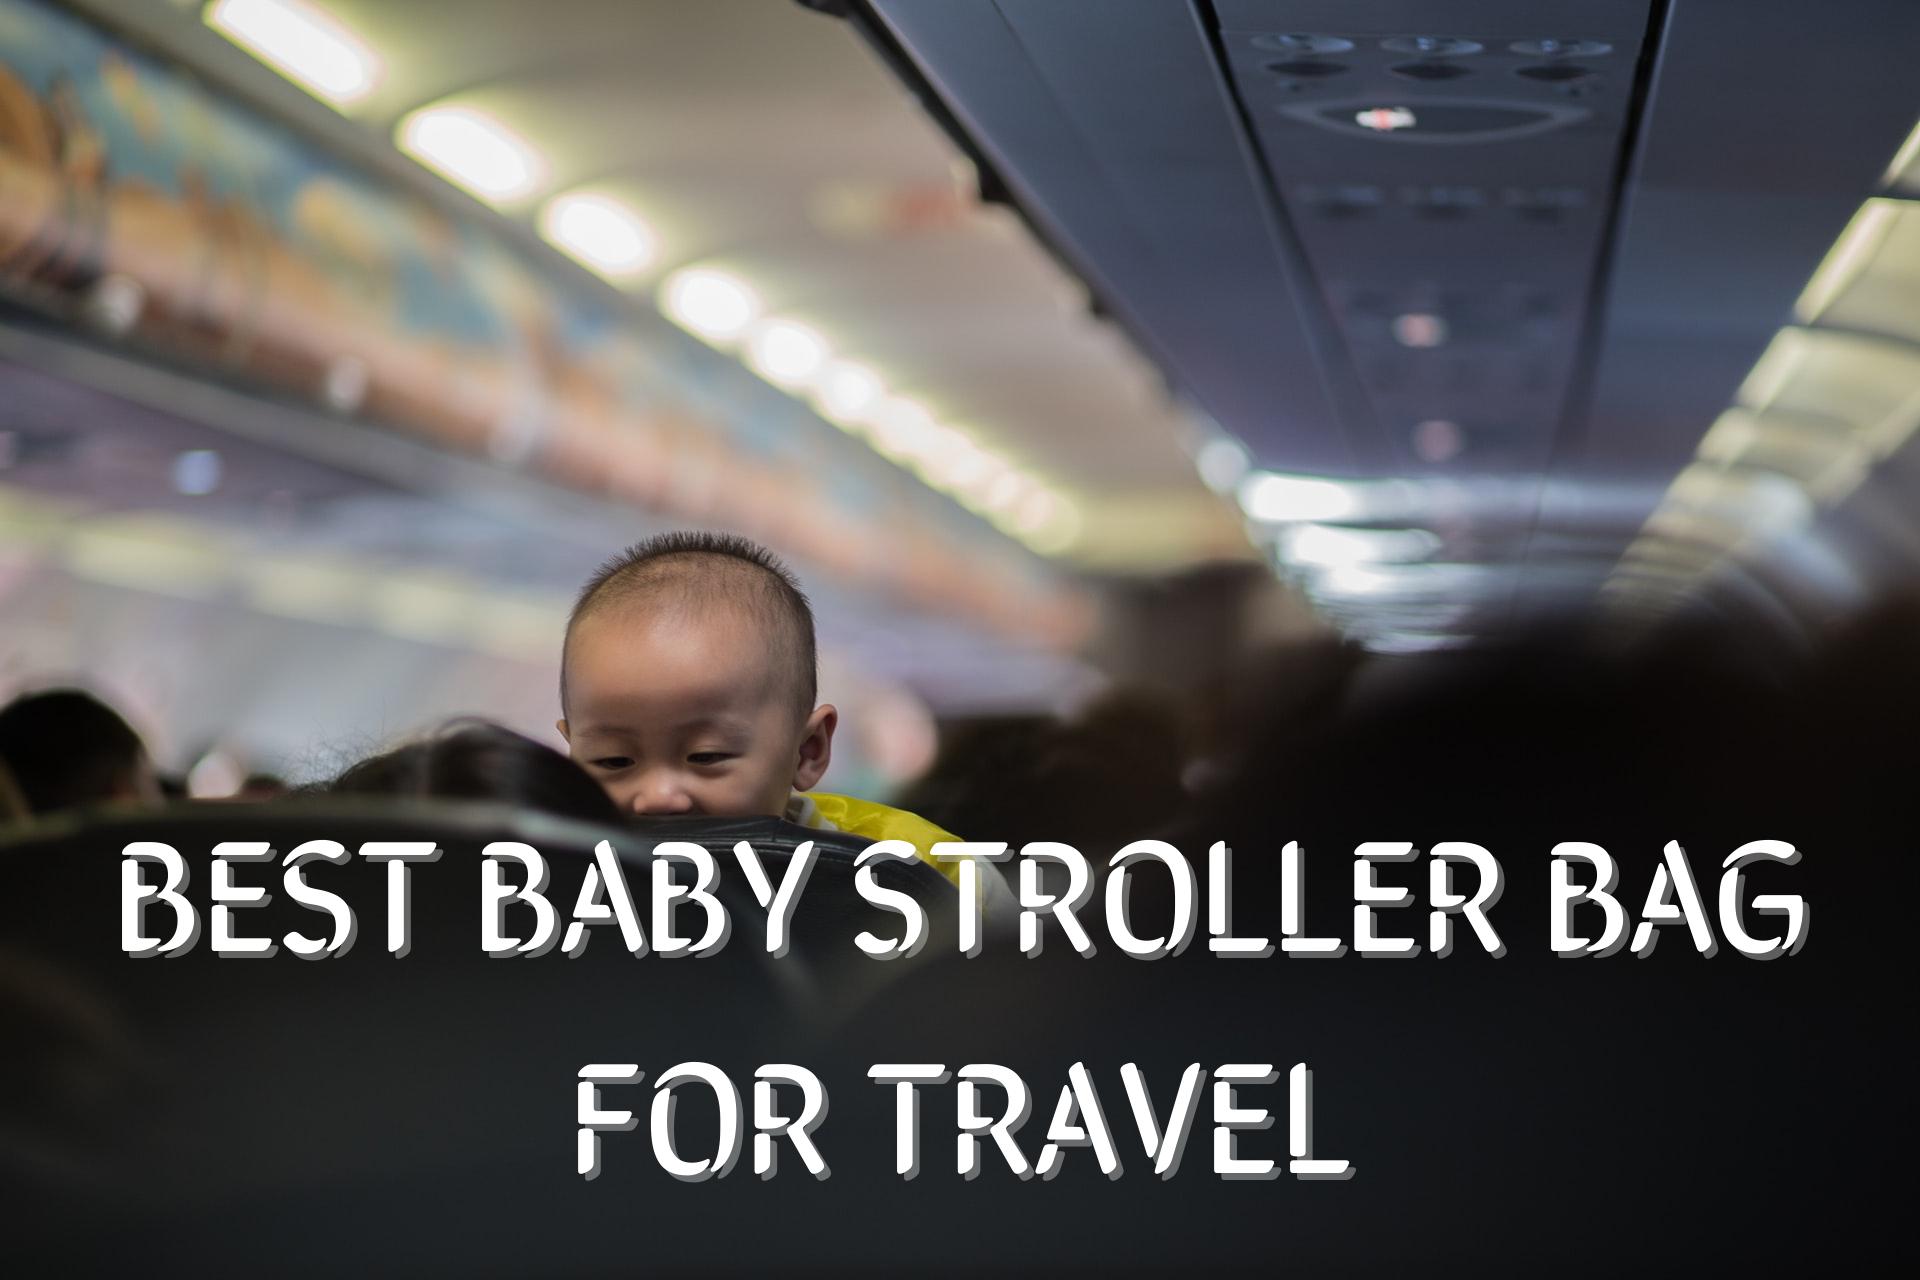 BEST BABY STROLLER BAG FOR TRAVEL